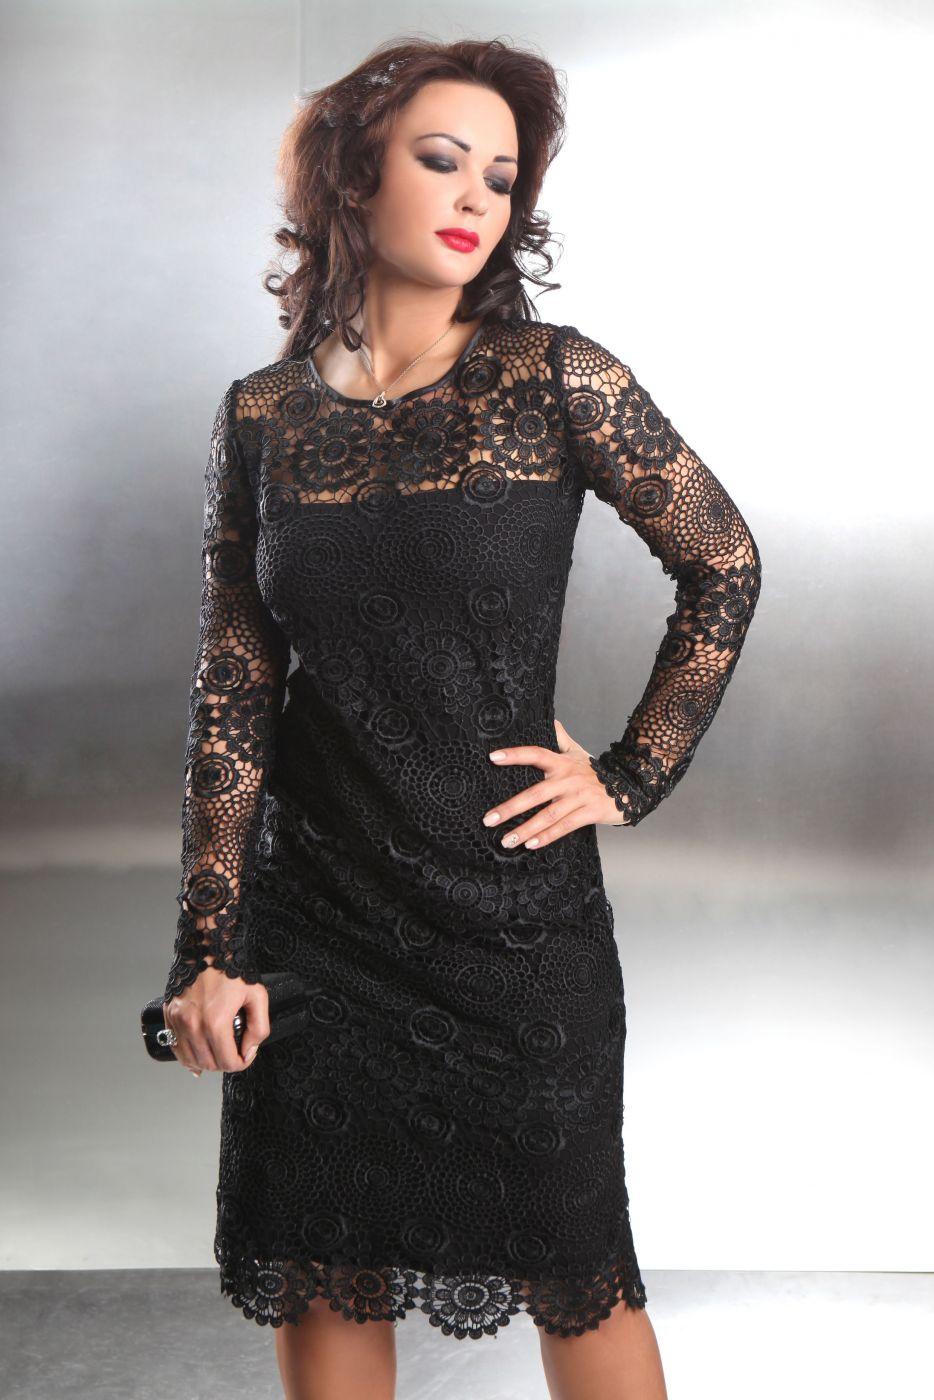 Cocktailkleid in schwarzer Spitze mit langen Ärmeln - Kleiderfreuden